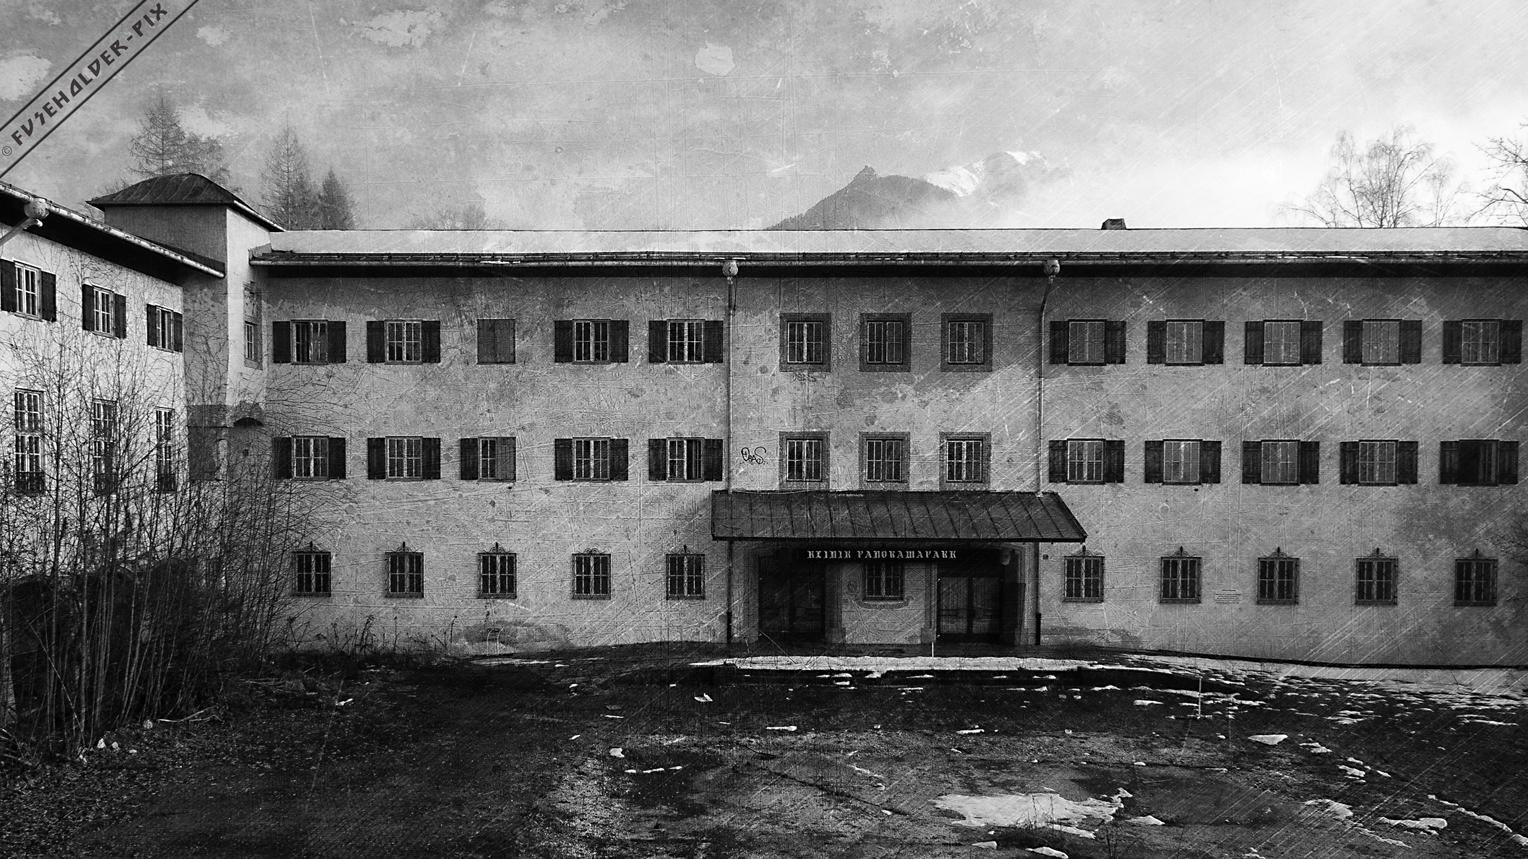 Klinik Panoramapark, No.07